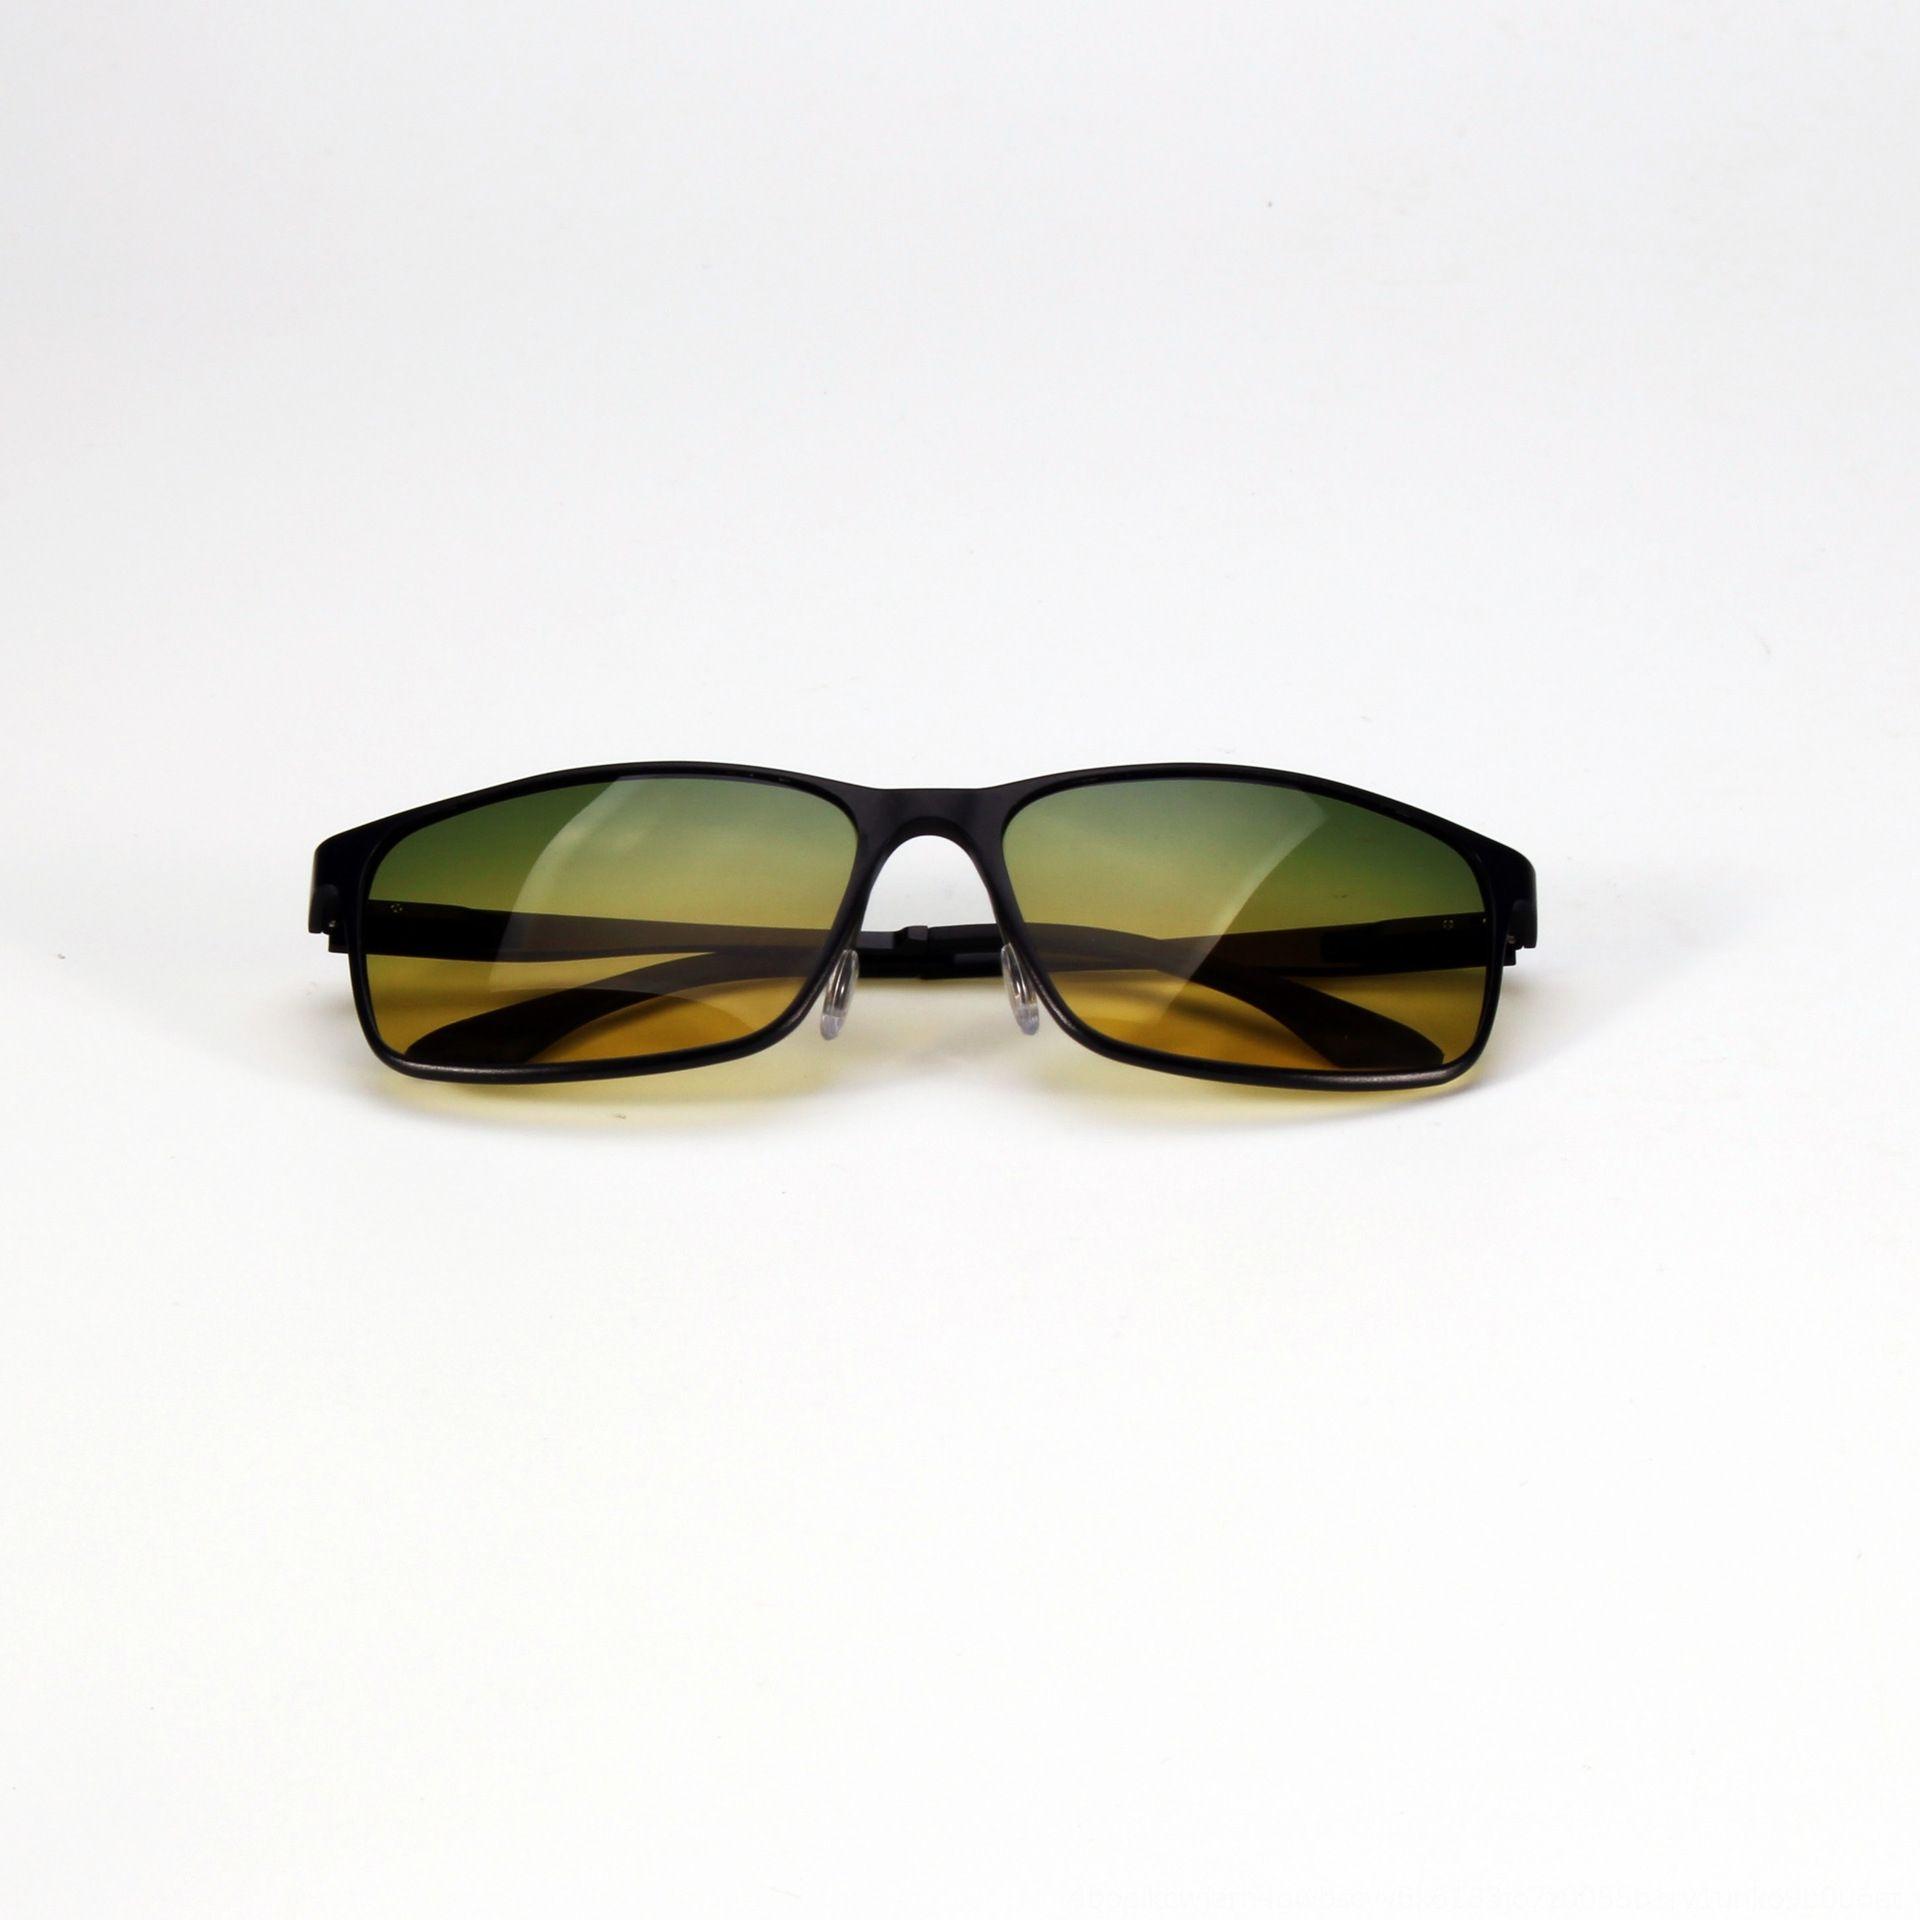 polarizada homens de alta definição e Dia condução óculos de sol noite condução visão nocturna óculos CDDRZ